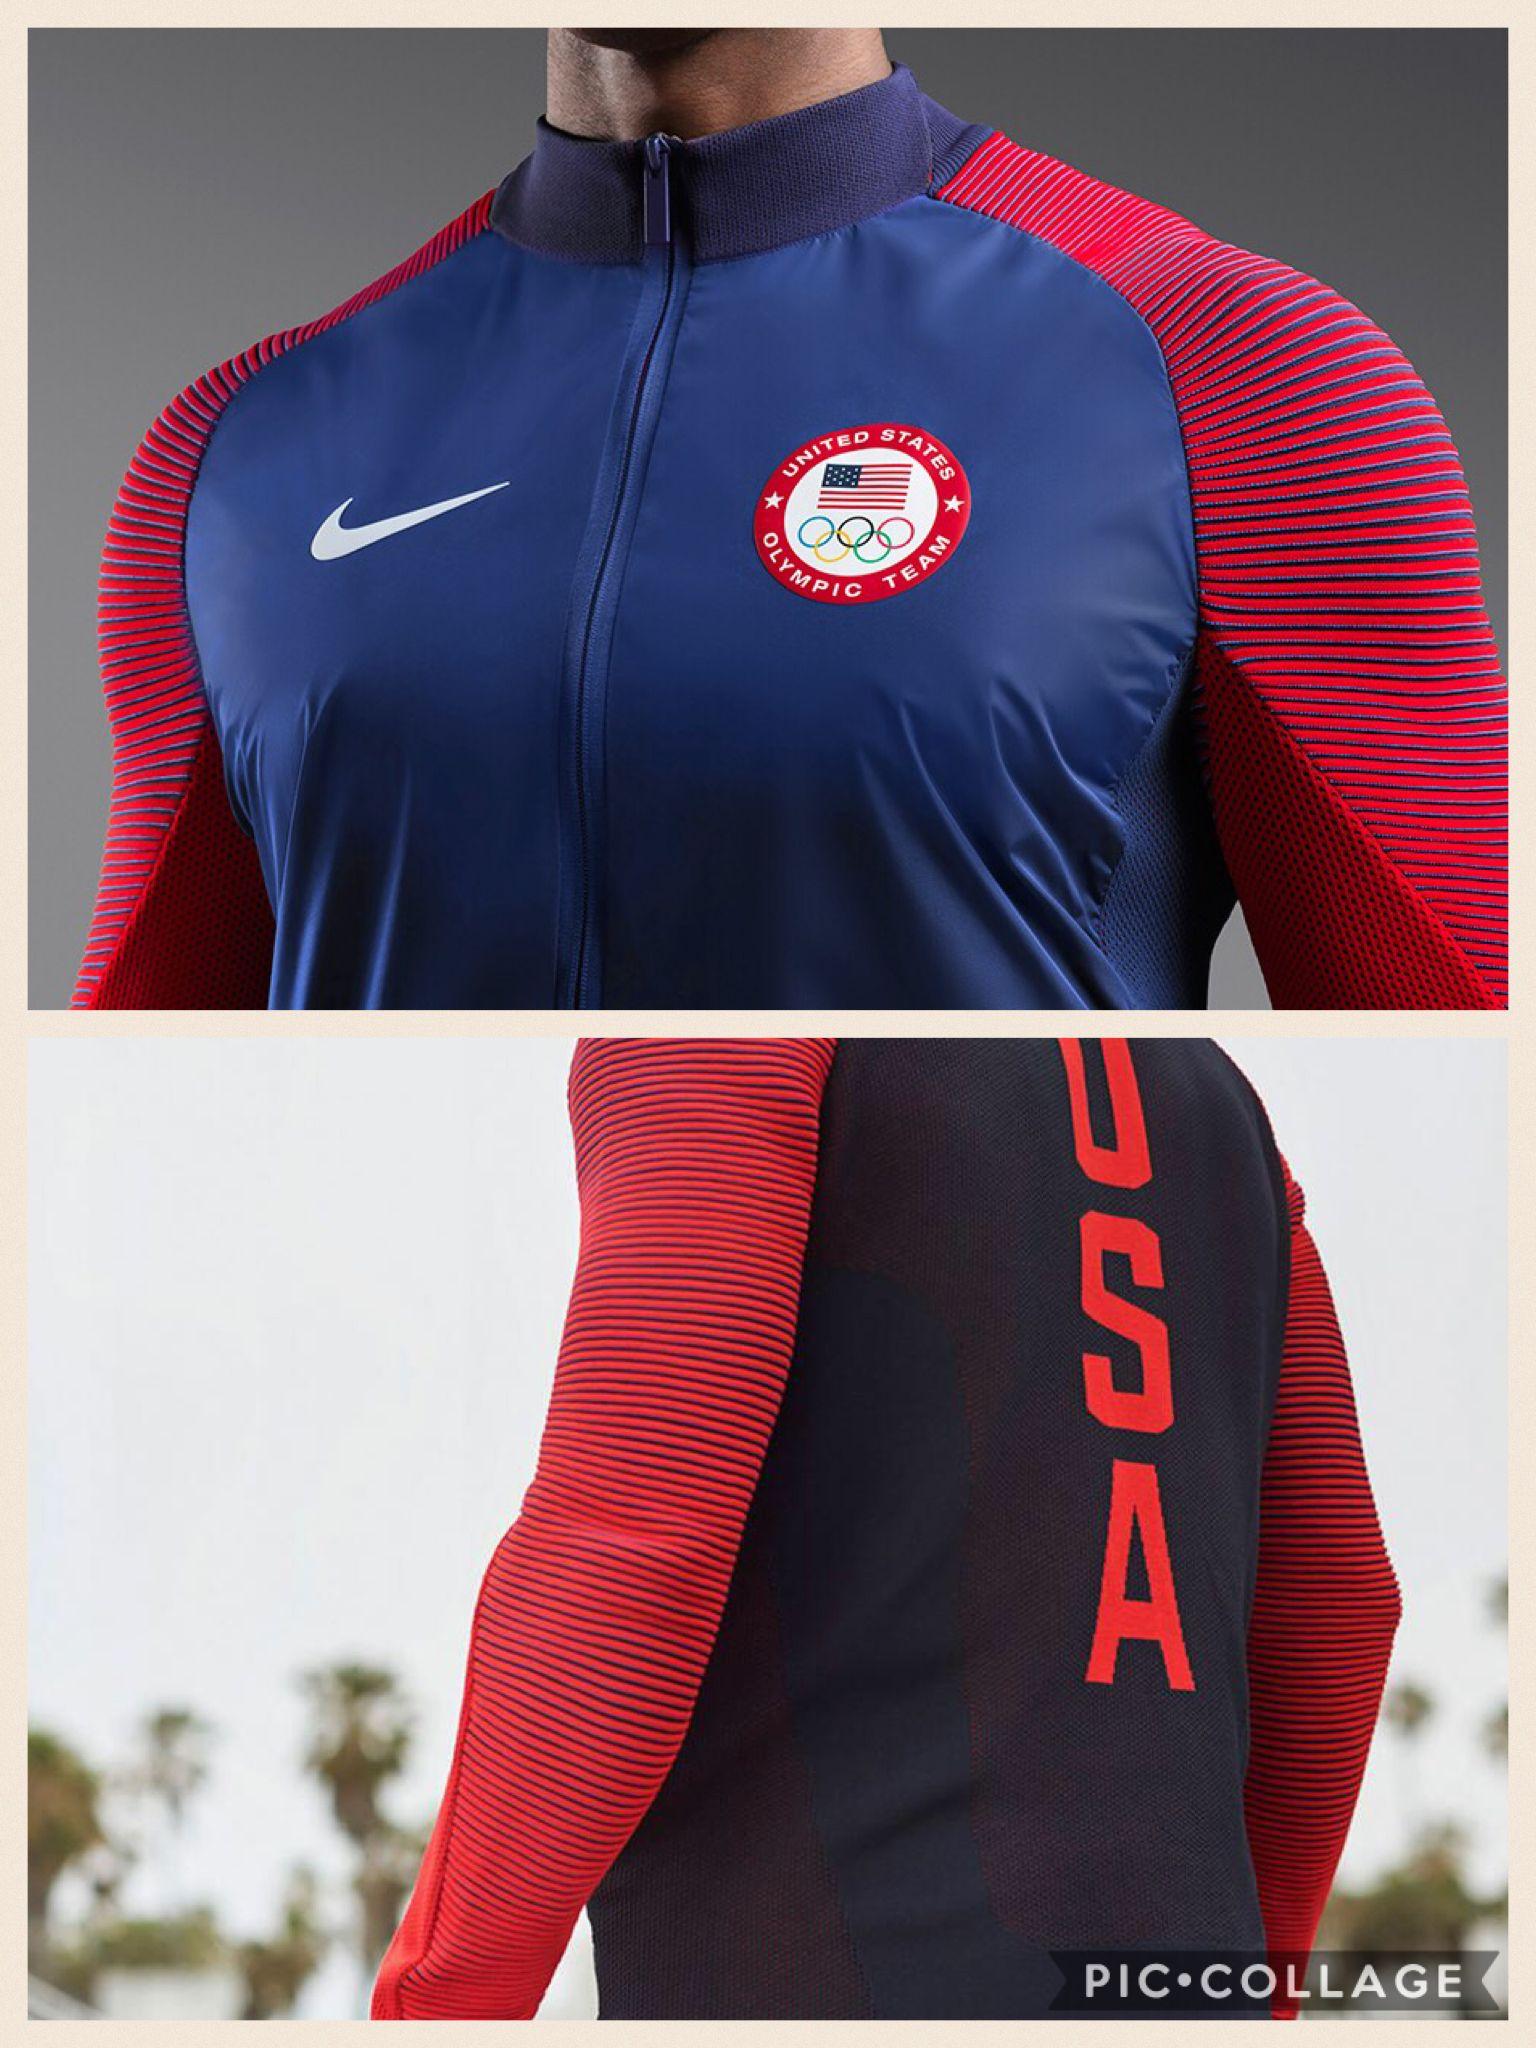 Team Usa Polo Shirt Nike - SIS Solutions